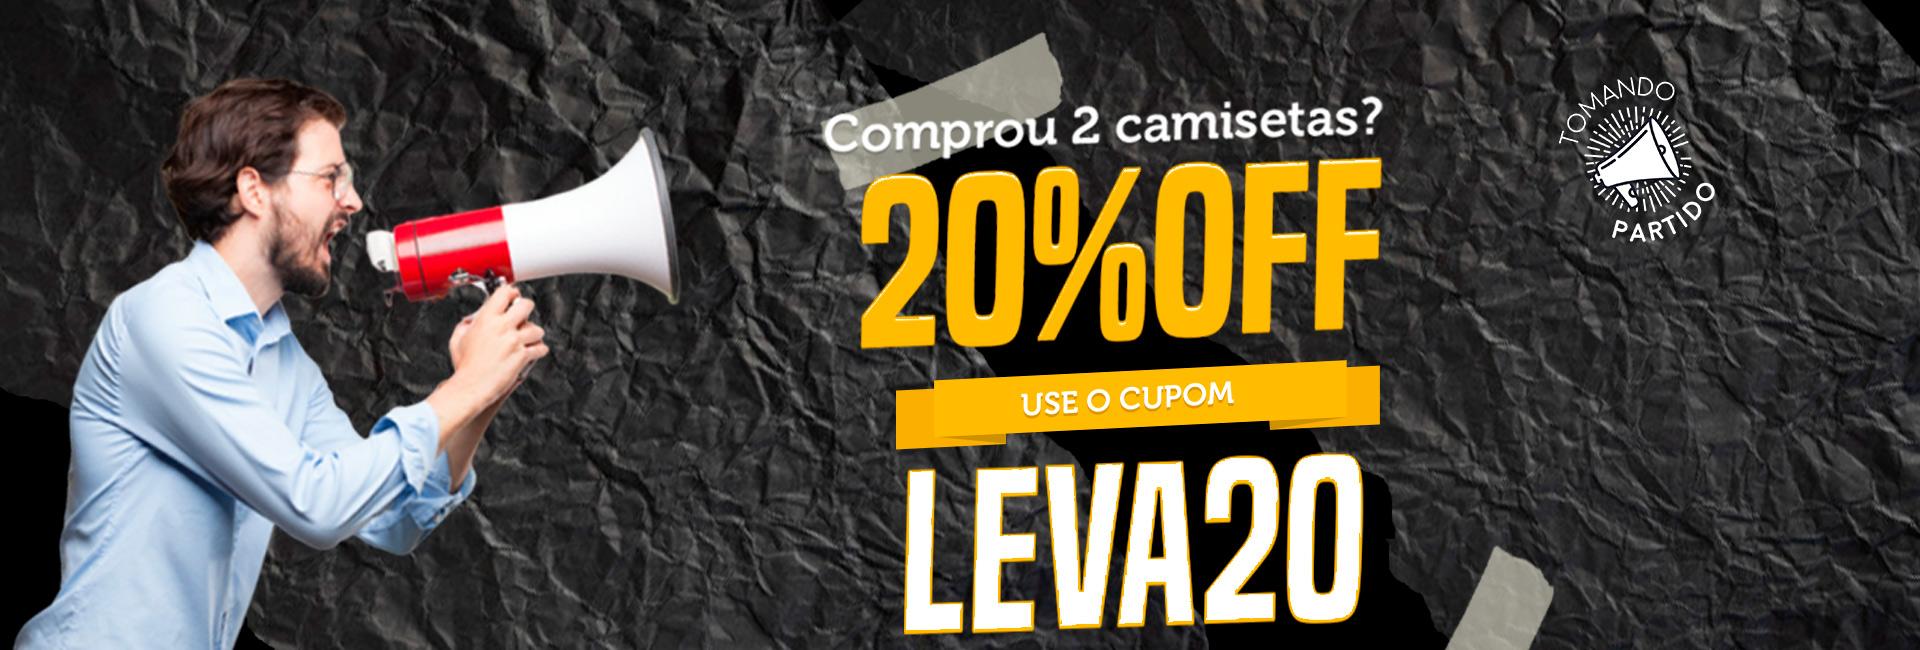 20%OFF Use o Cupom LEVA20